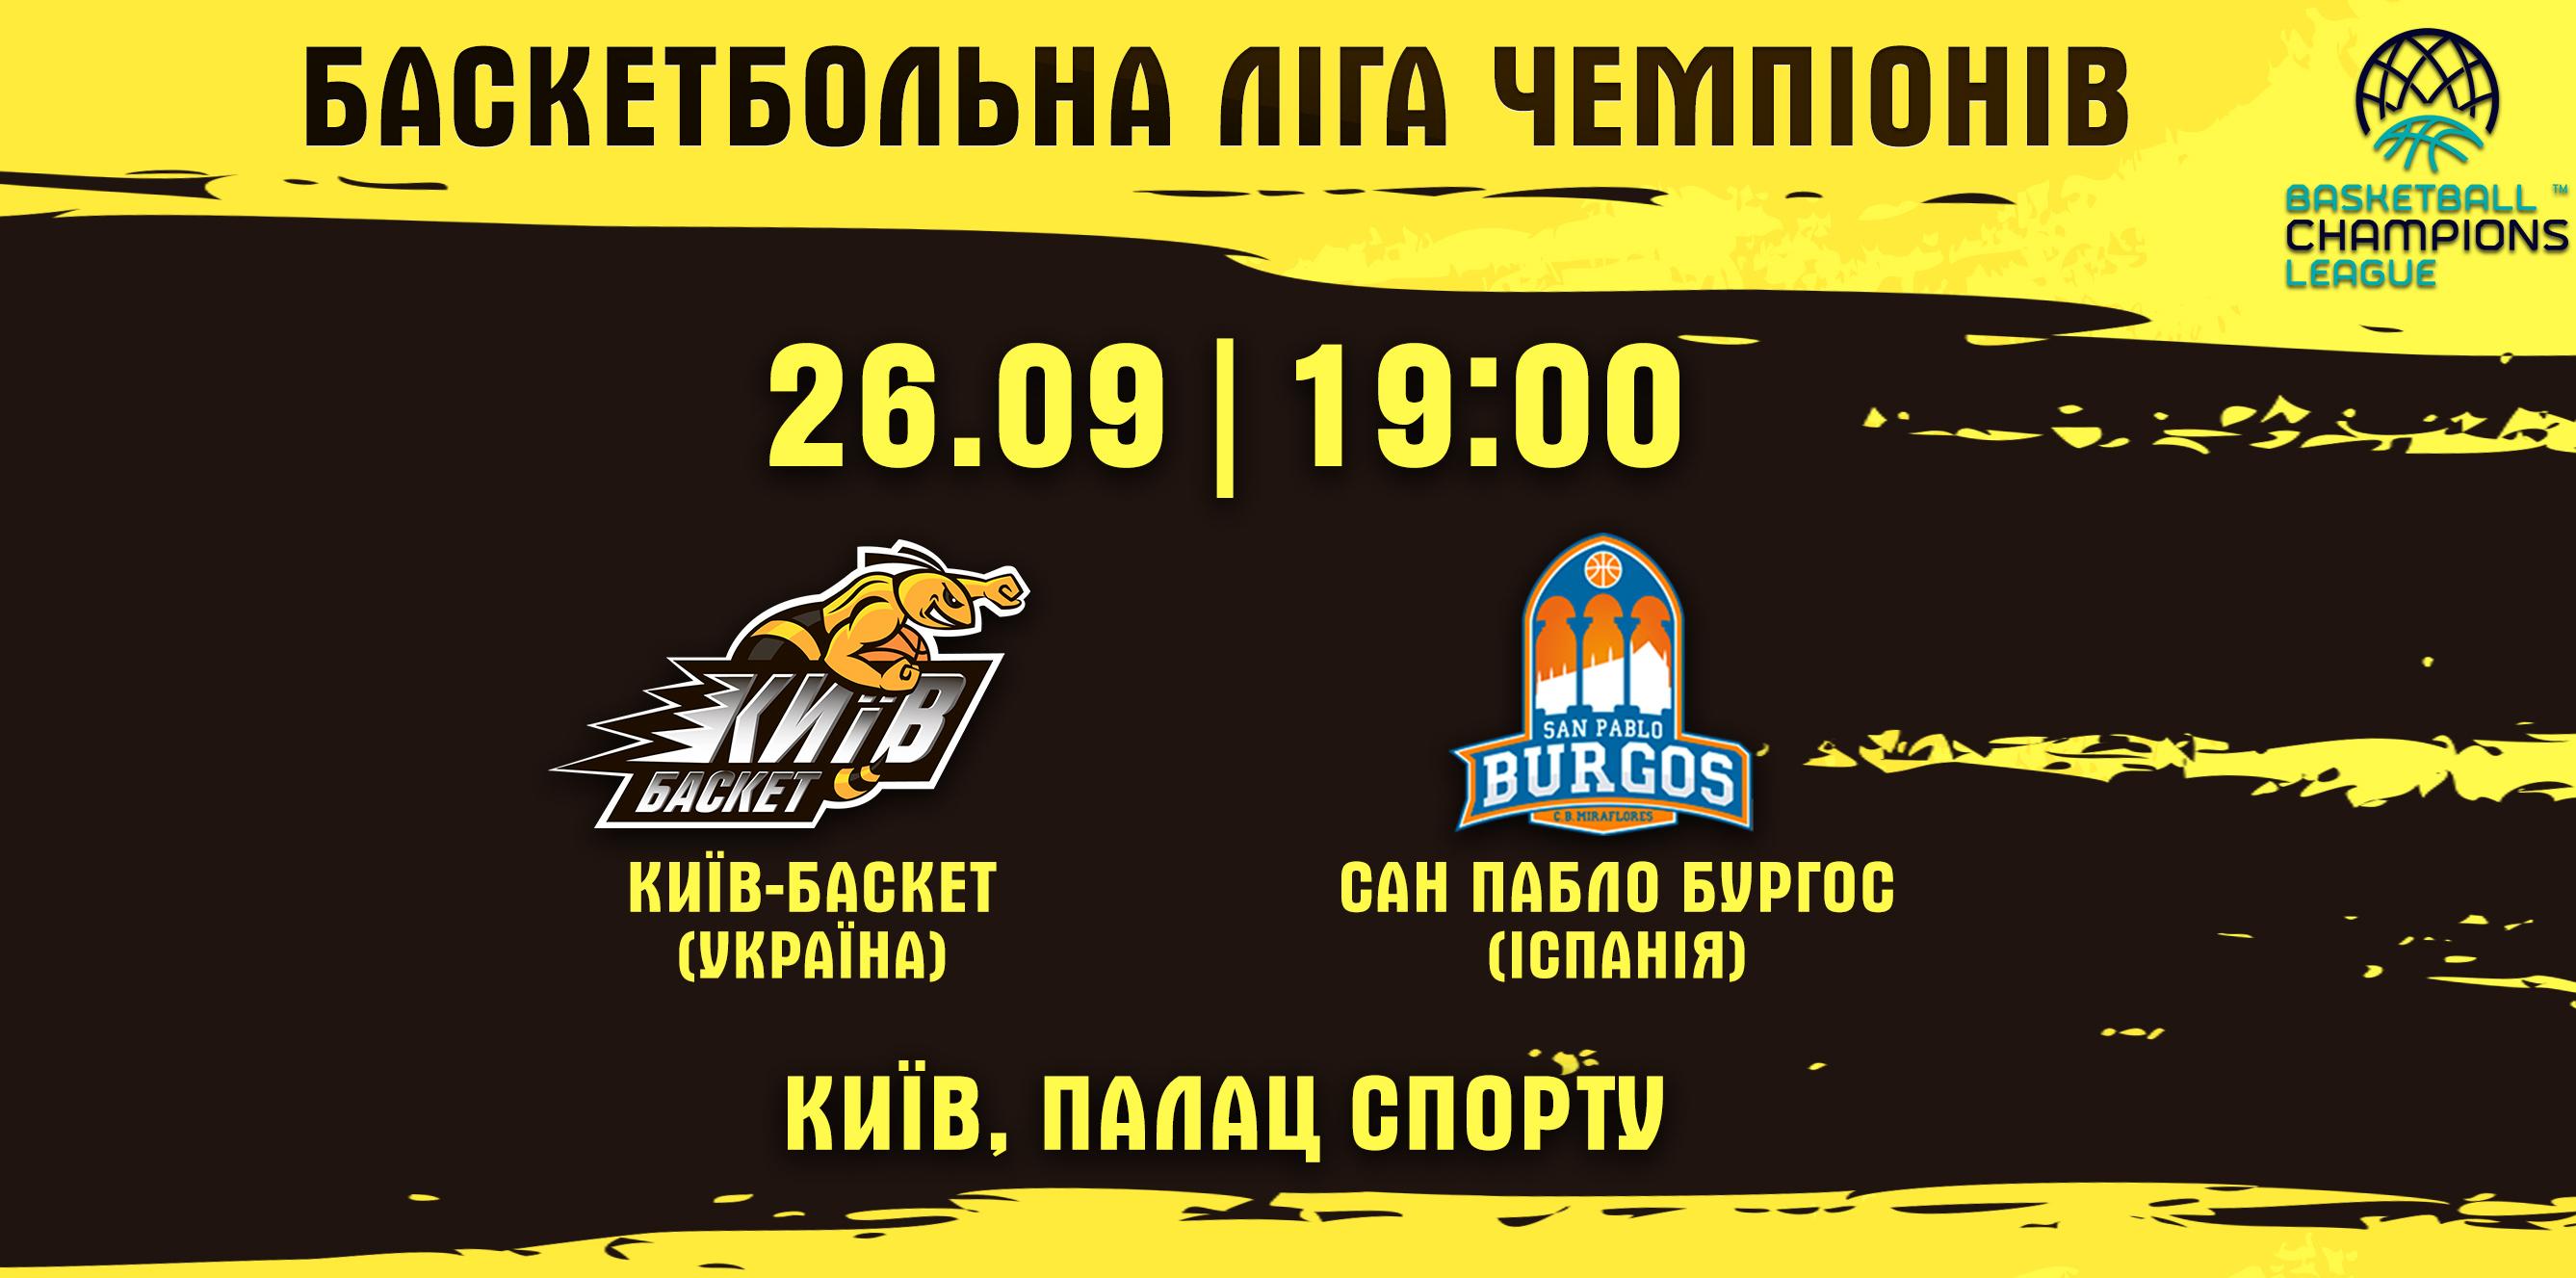 Київ-Баскет зіграє проти іспанського Бургоса за місце в групі Ліги чемпіонів — квитки вже у продажу